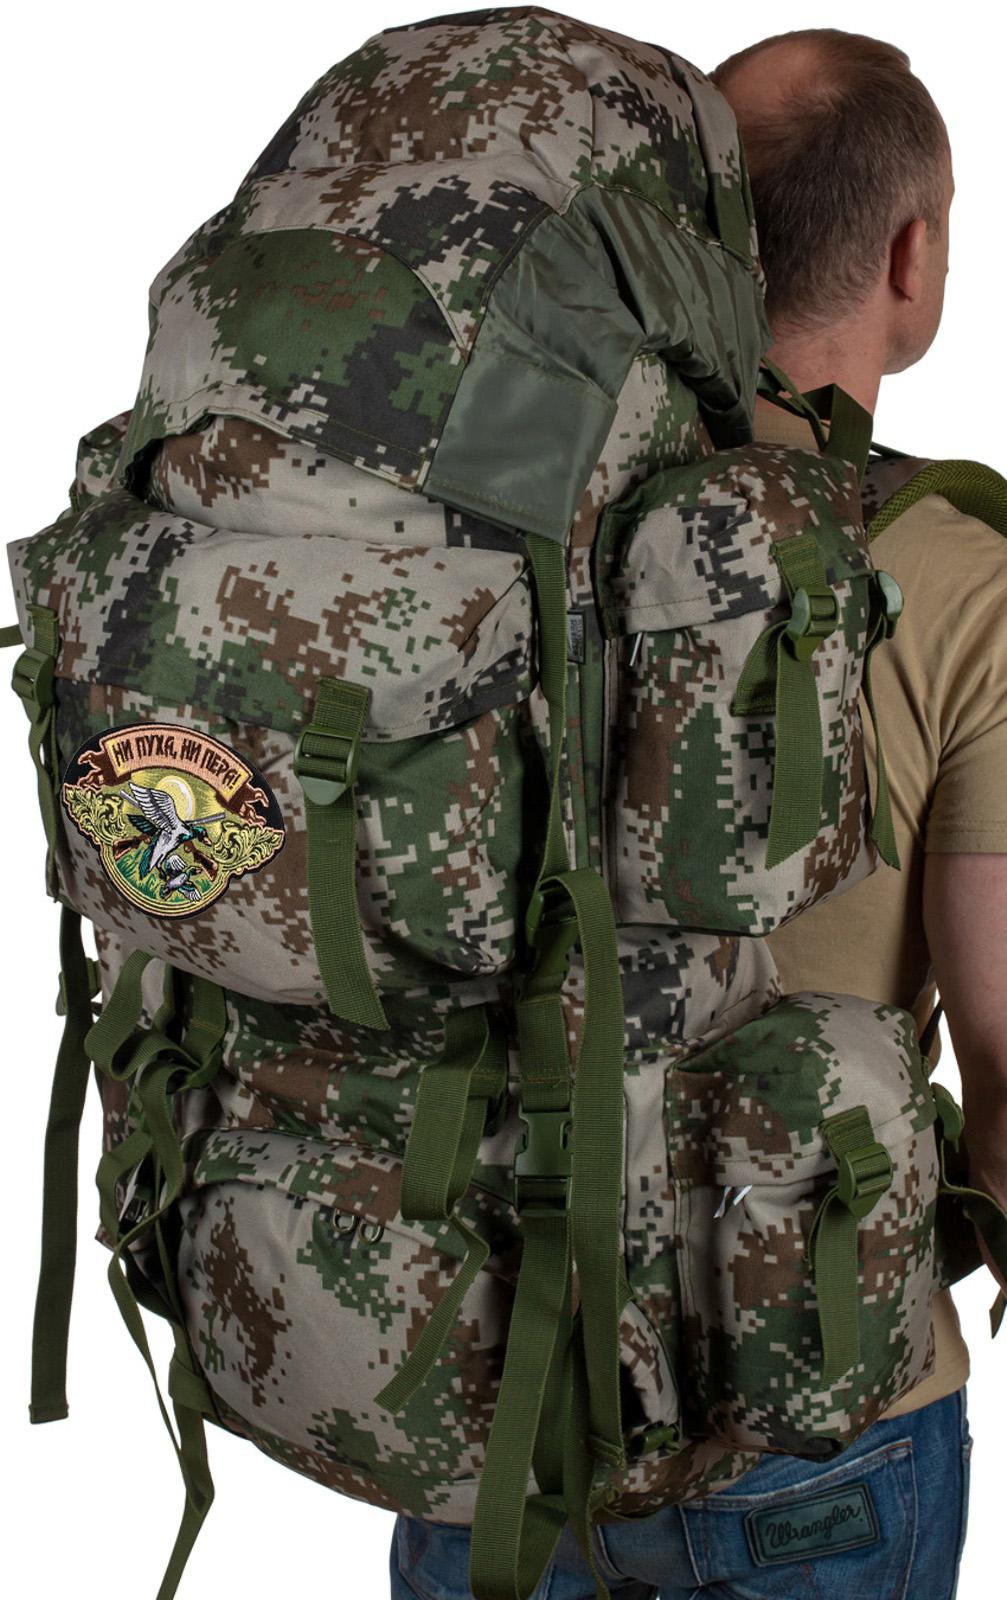 охотничий вместительный рюкзак с нашивкой Ни Пуха ни Пера - купить в подарок